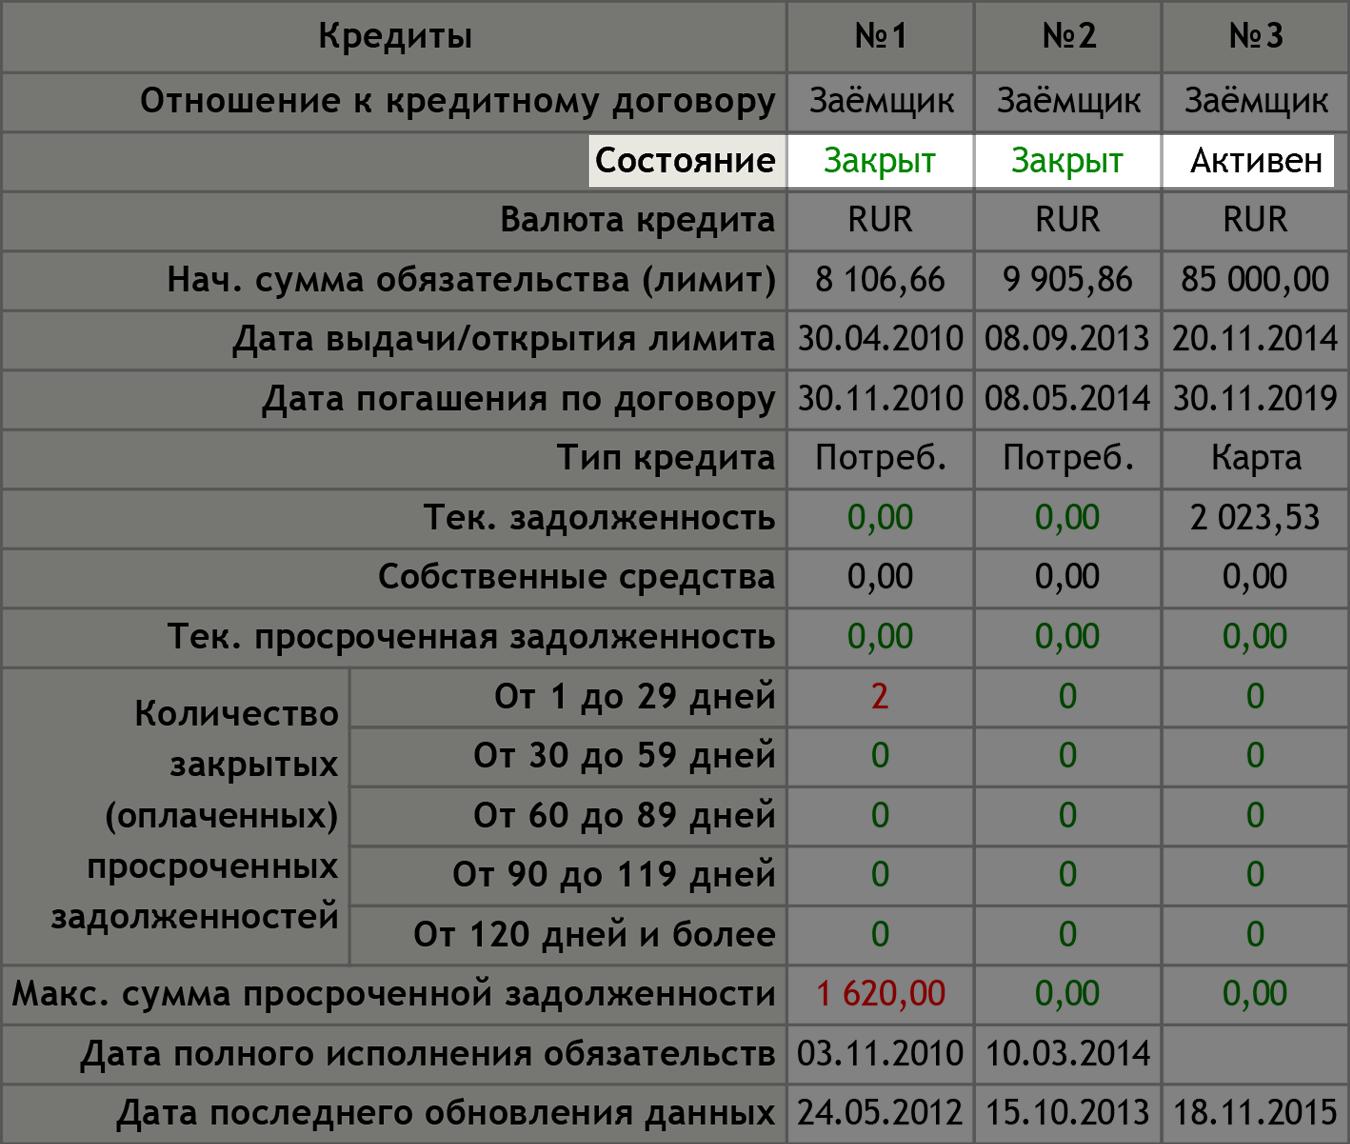 Кредитная история кредитного бюро «Русский Стандарт»